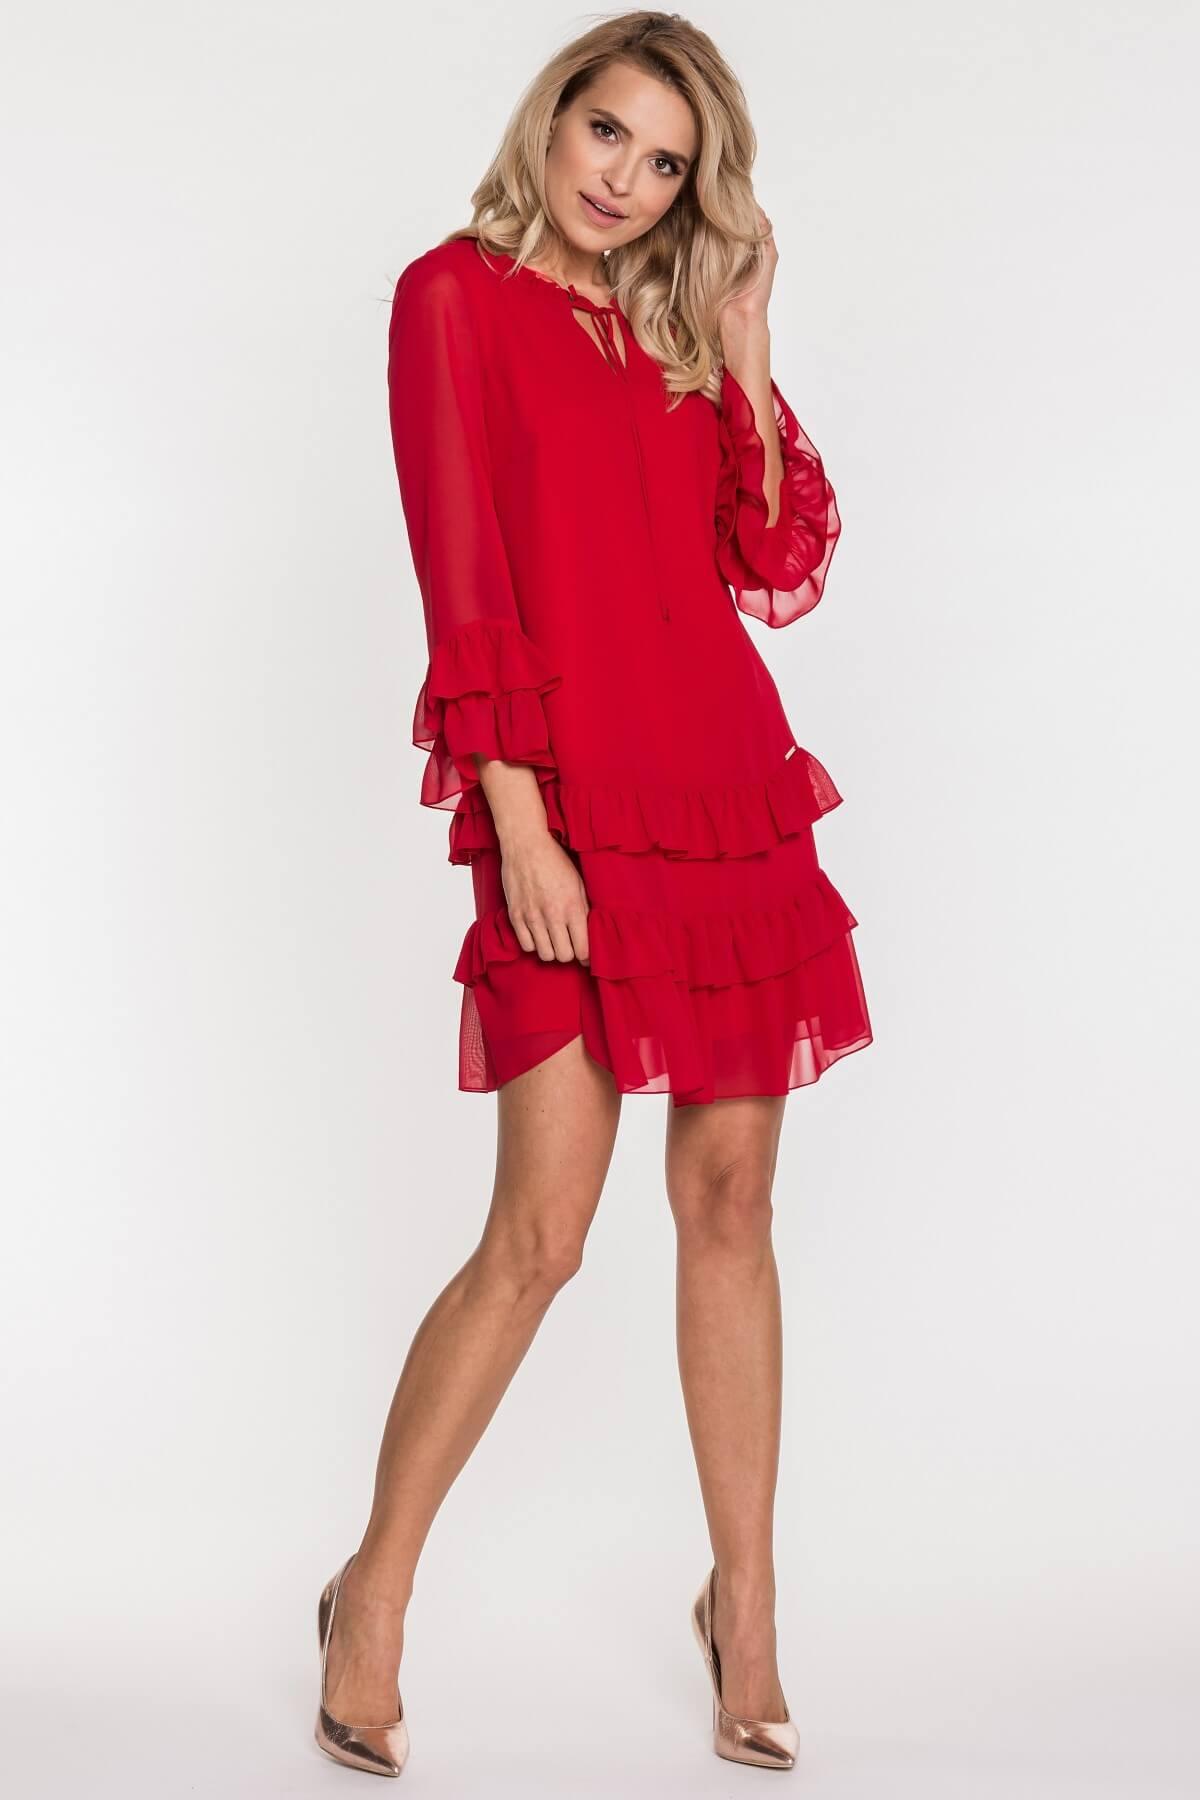 9f6dce21e0 Czerwone sukienki – 100% kobiecości na co dzień - Blog o modzie ...